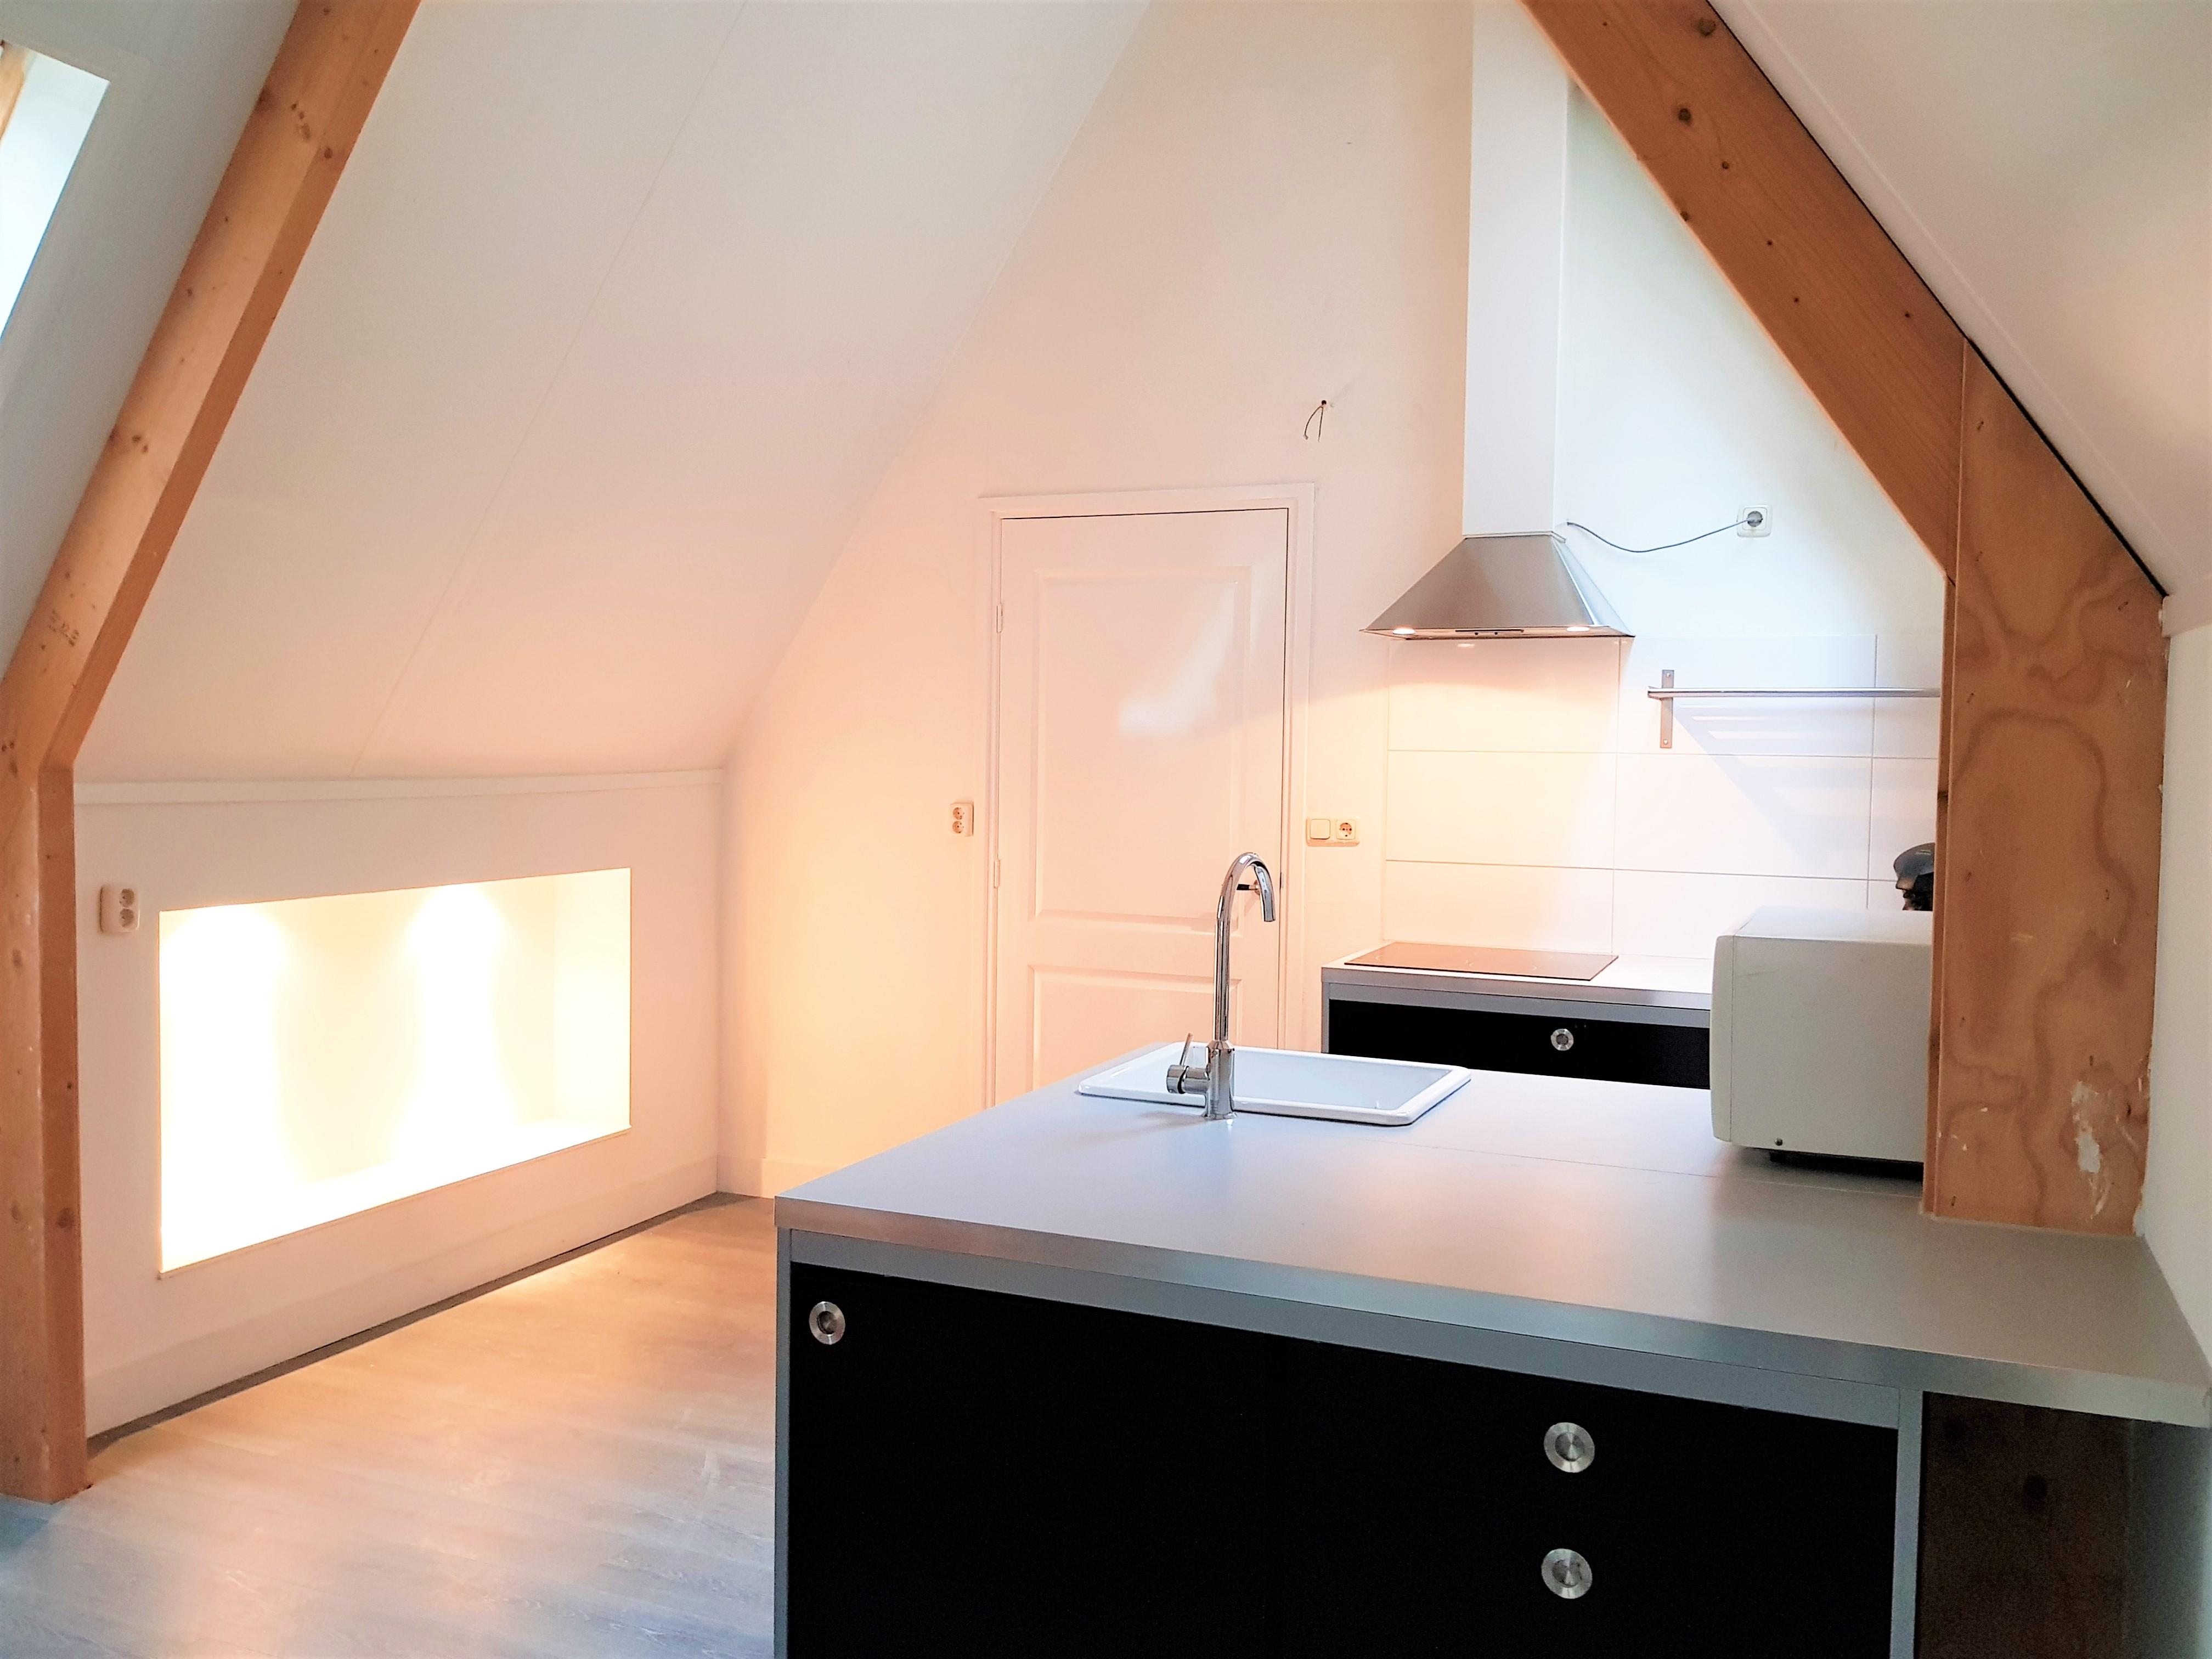 Te huur: Korte Nieuwstraat 8, 3311 XJ Dordrecht